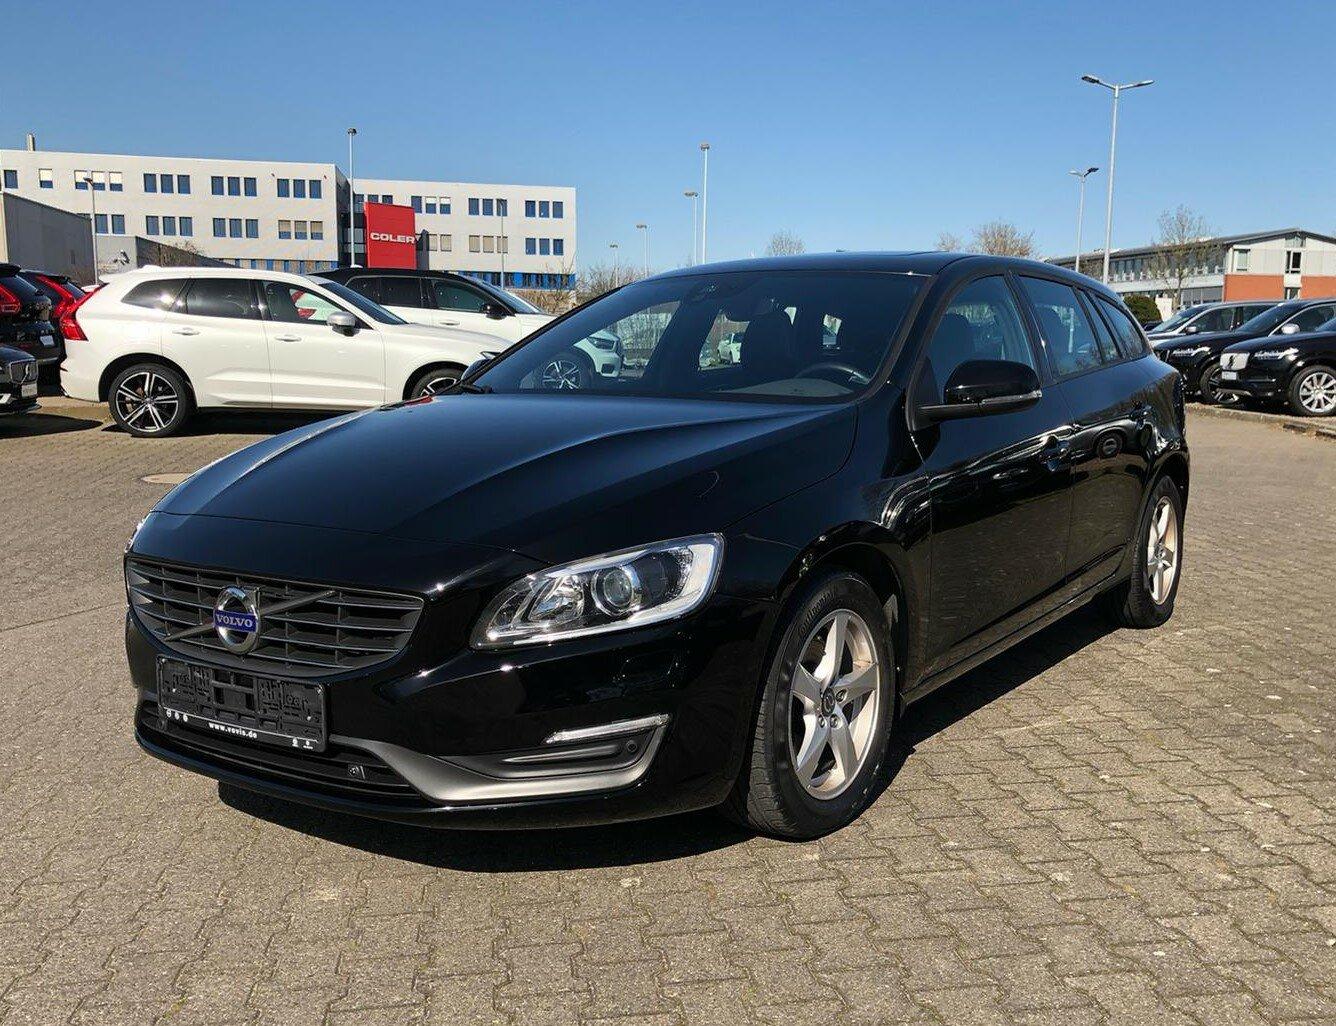 Volvo V60 D3 Business Edition ++XENON+NAVI+TELEFON++, Jahr 2014, Diesel